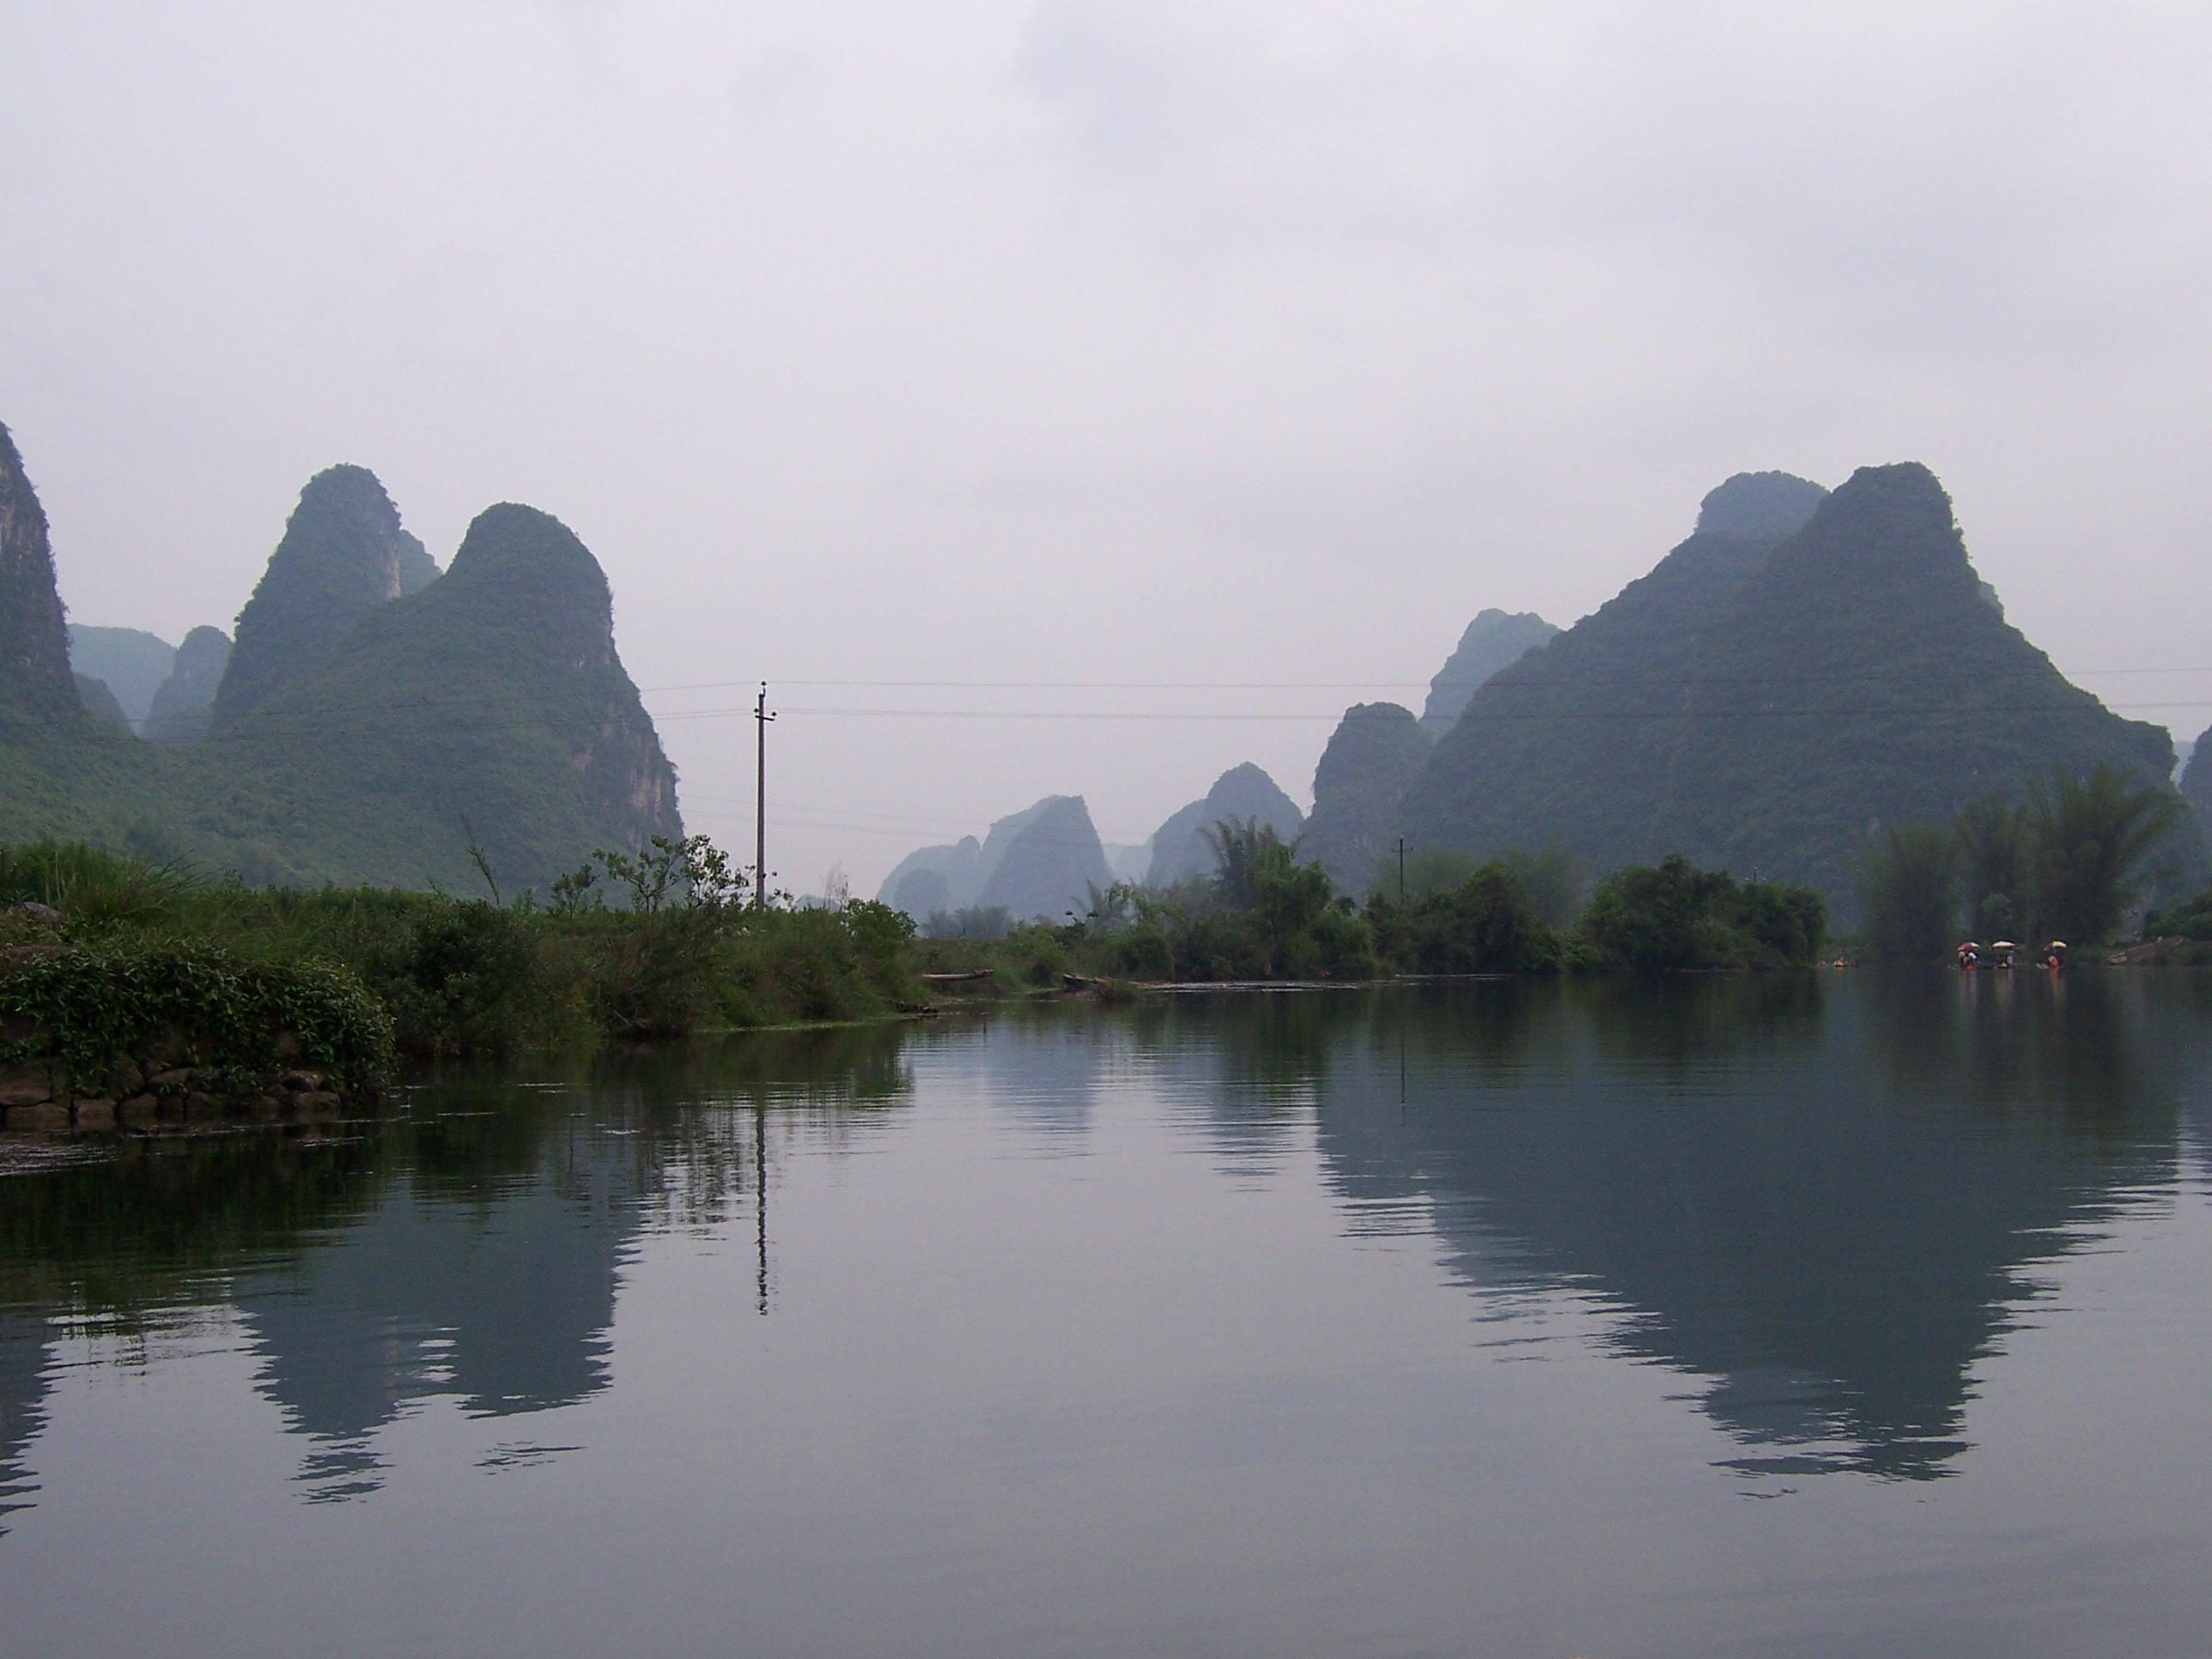 Beautiful China Scenery File:China - Yangshuo ...